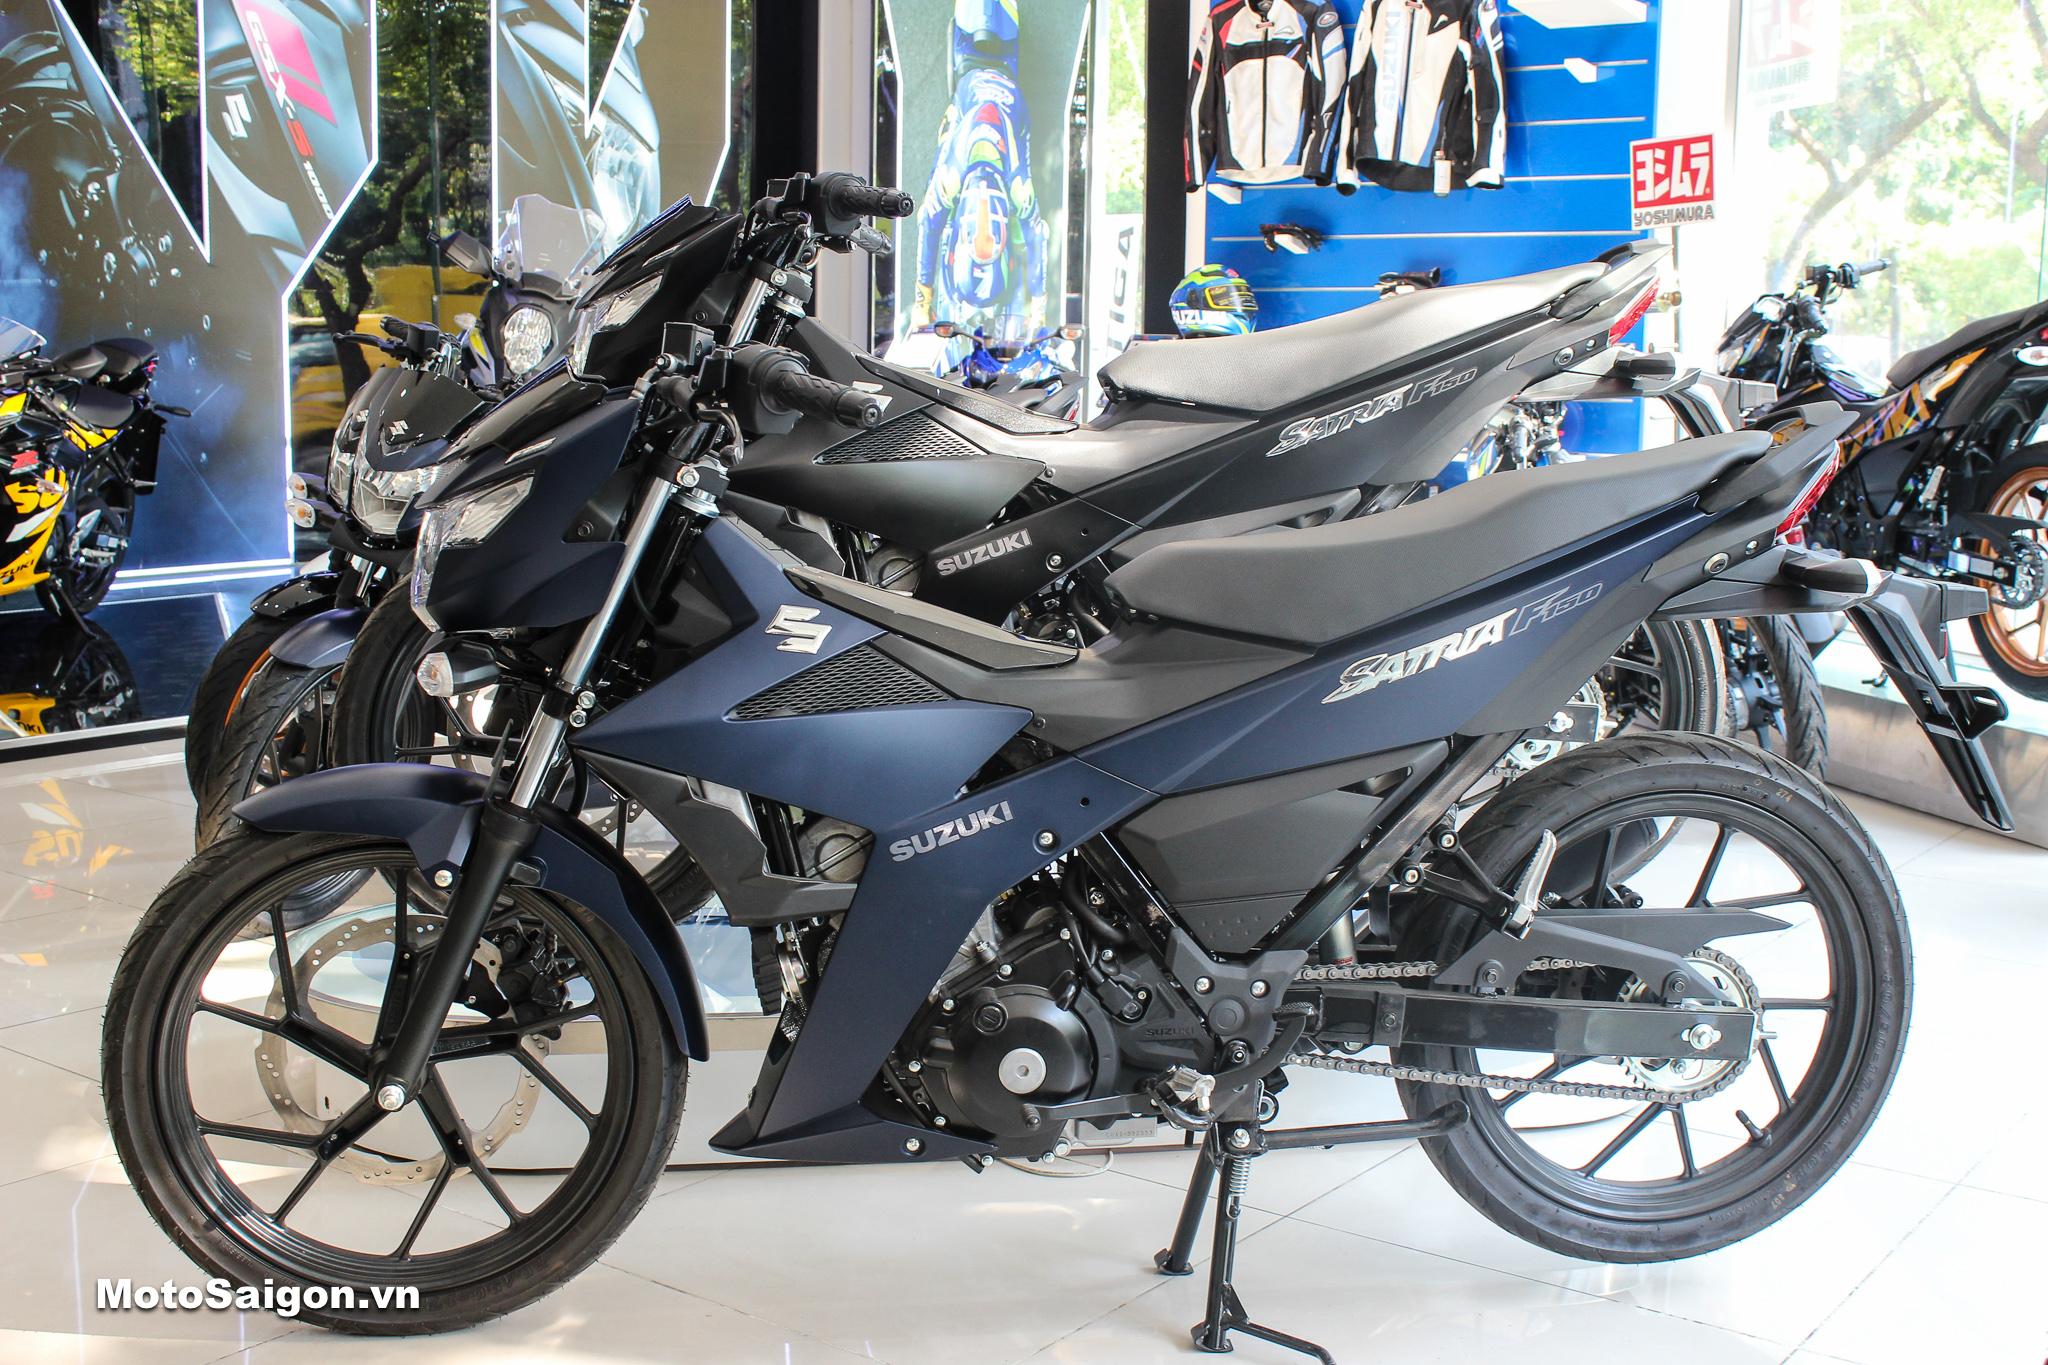 Suzuki Satria F150 2020 phiên bản màu Xanh mờ đã có giá bán chính hãng